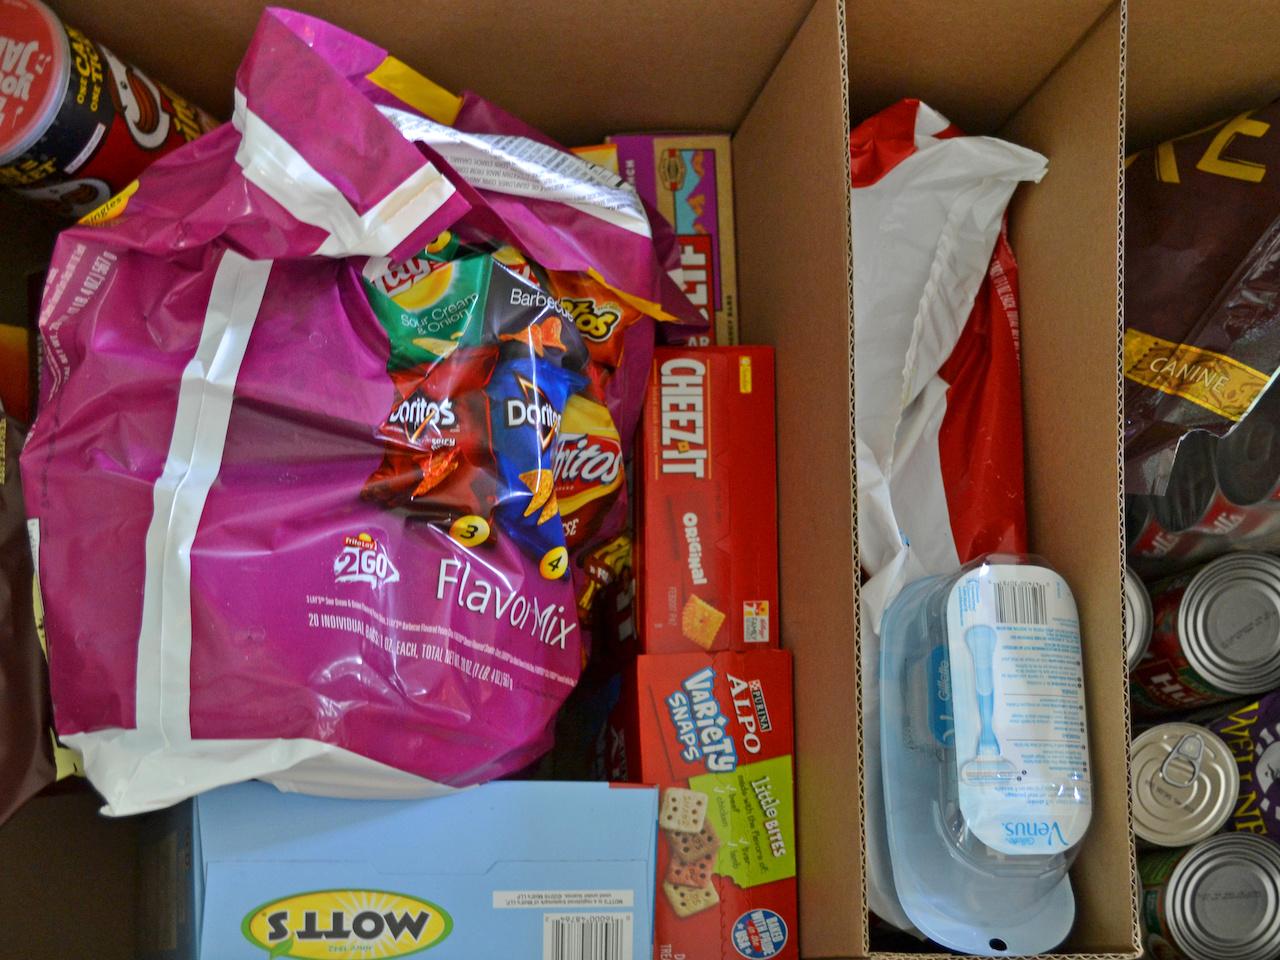 sb online groceries (1).JPG